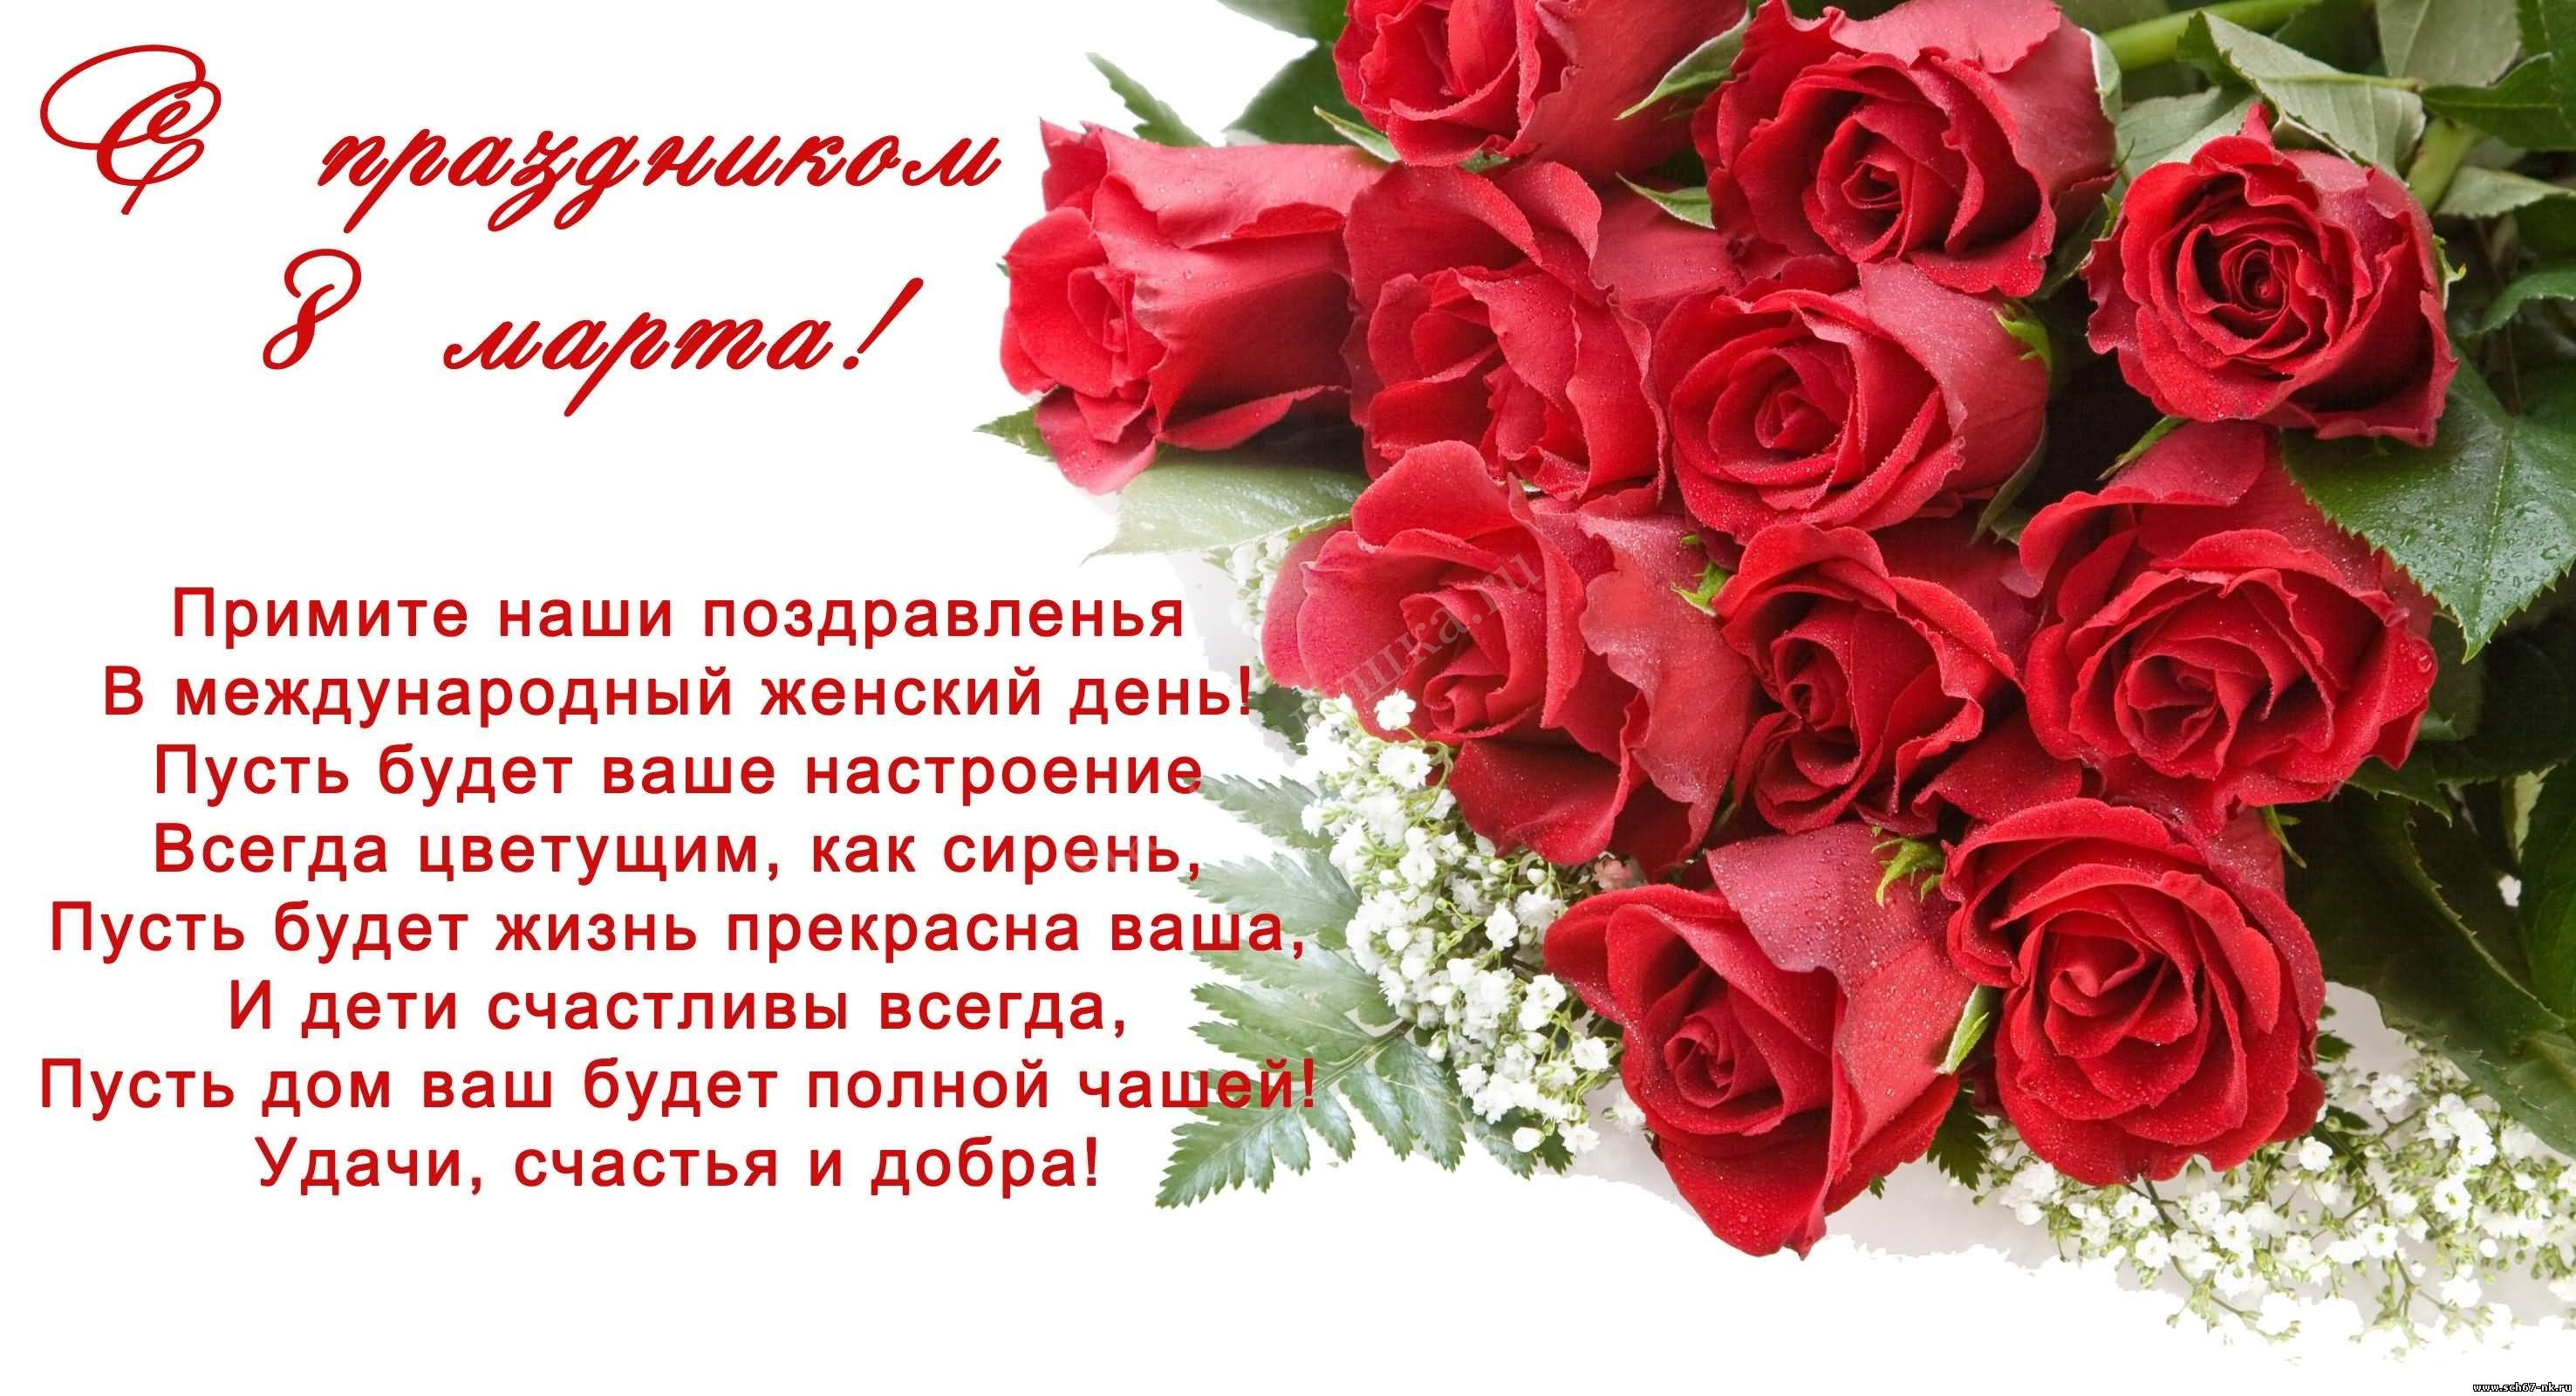 pozdravleniya-s-8-marta-18